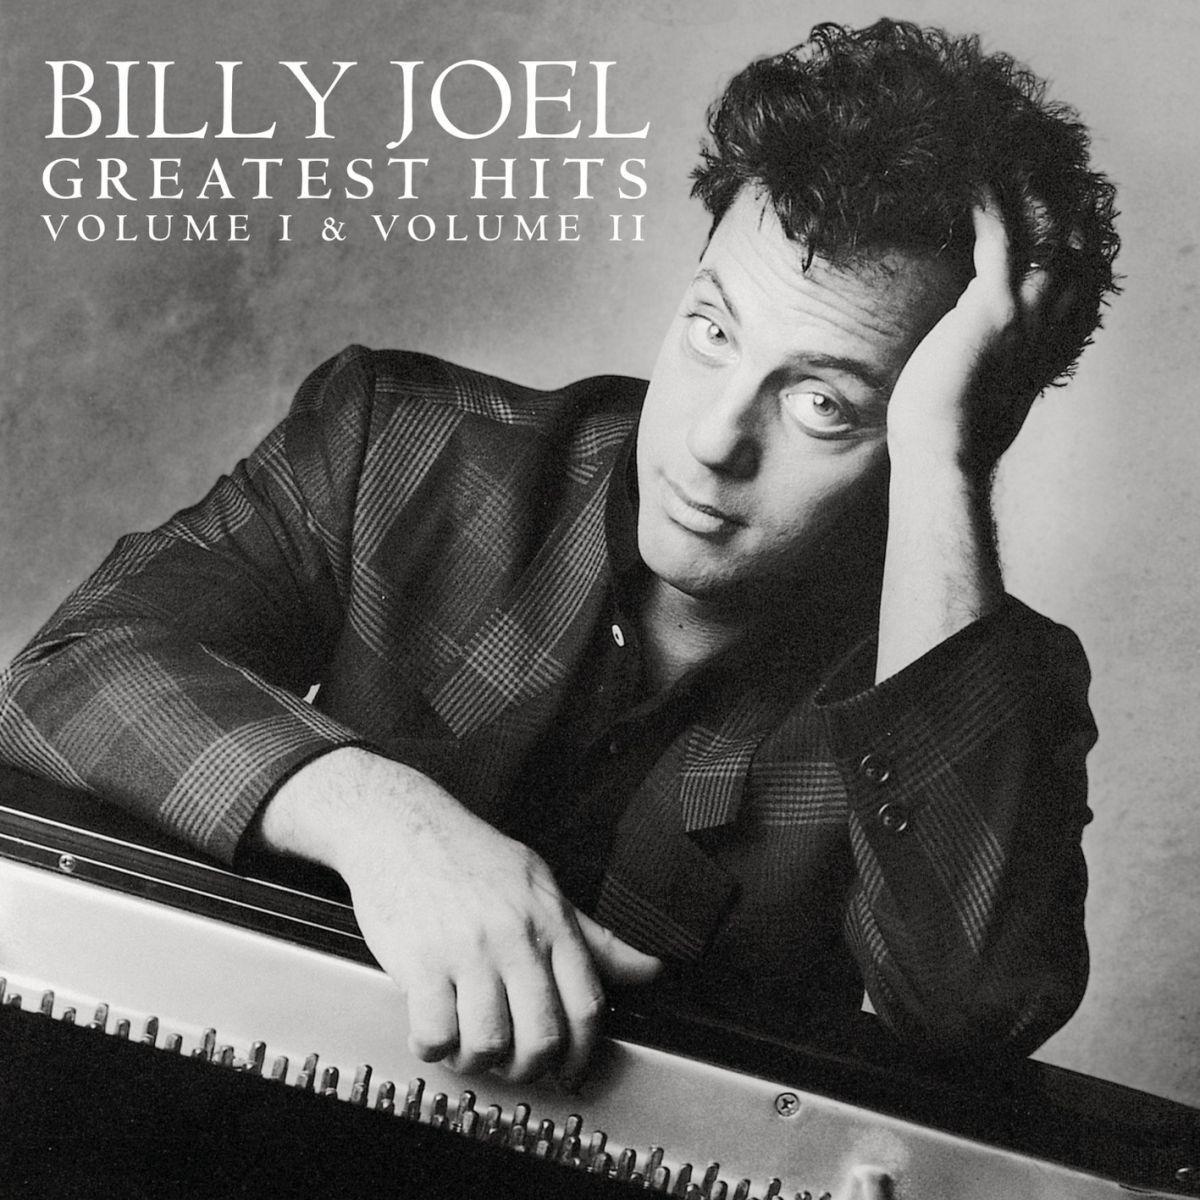 Platz 5: GREATEST HITS VOLUME I & VOLUME II von Billy Joel kam 1985 auf den Markt und wurde über 23 Millionen mal verkauft.